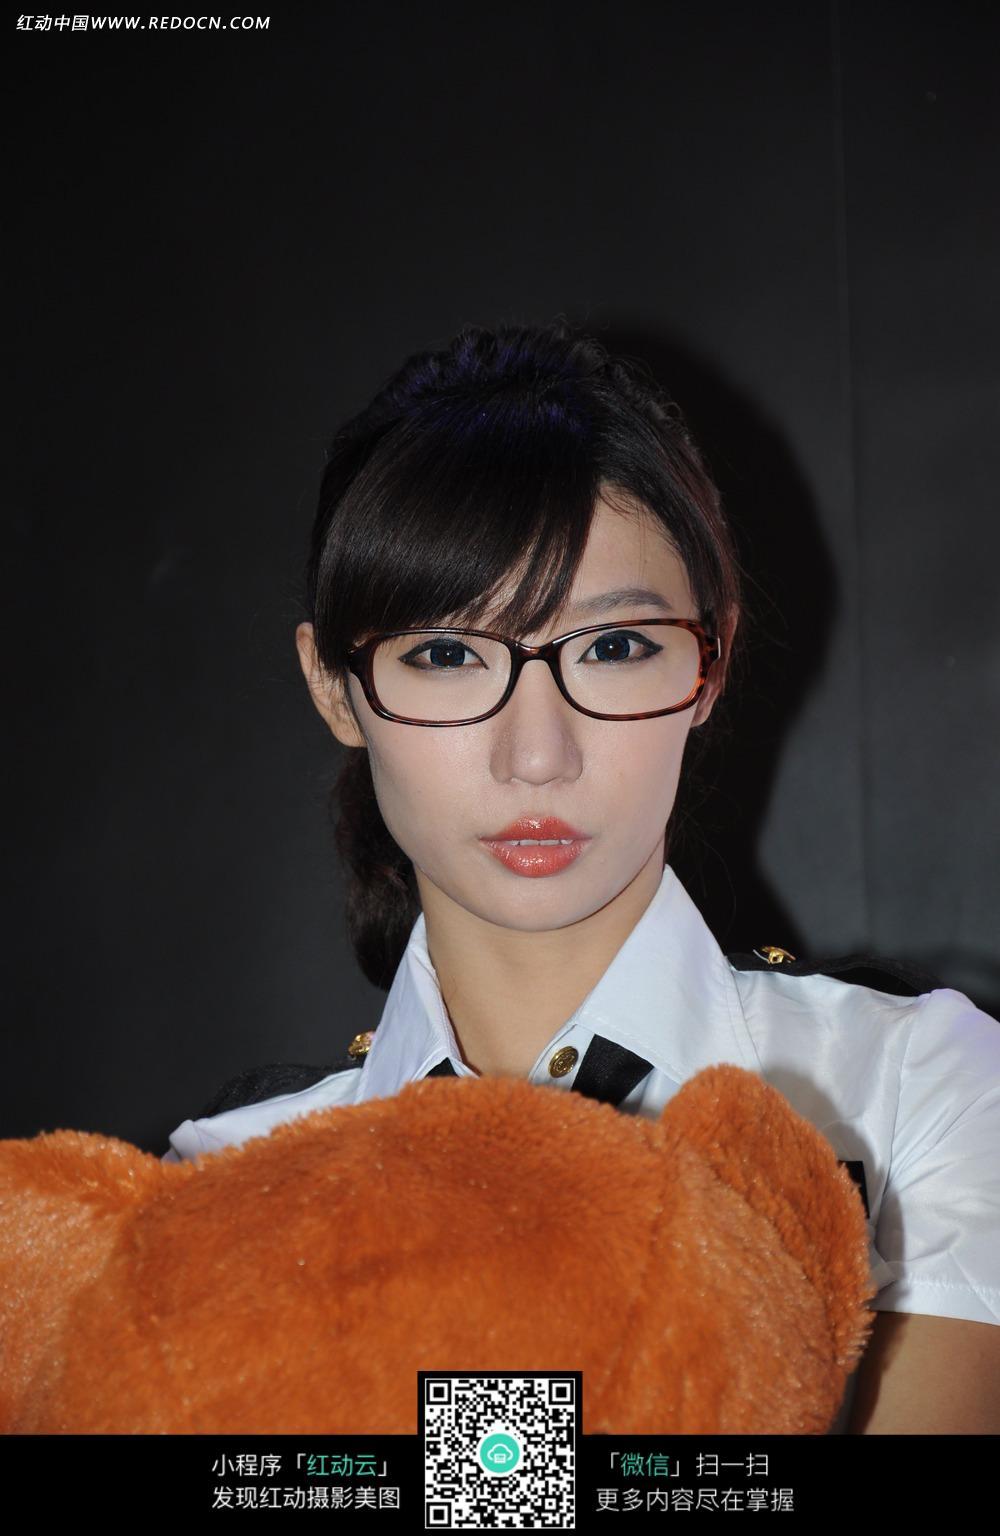 锐战网络眼镜美女宣传照片图片